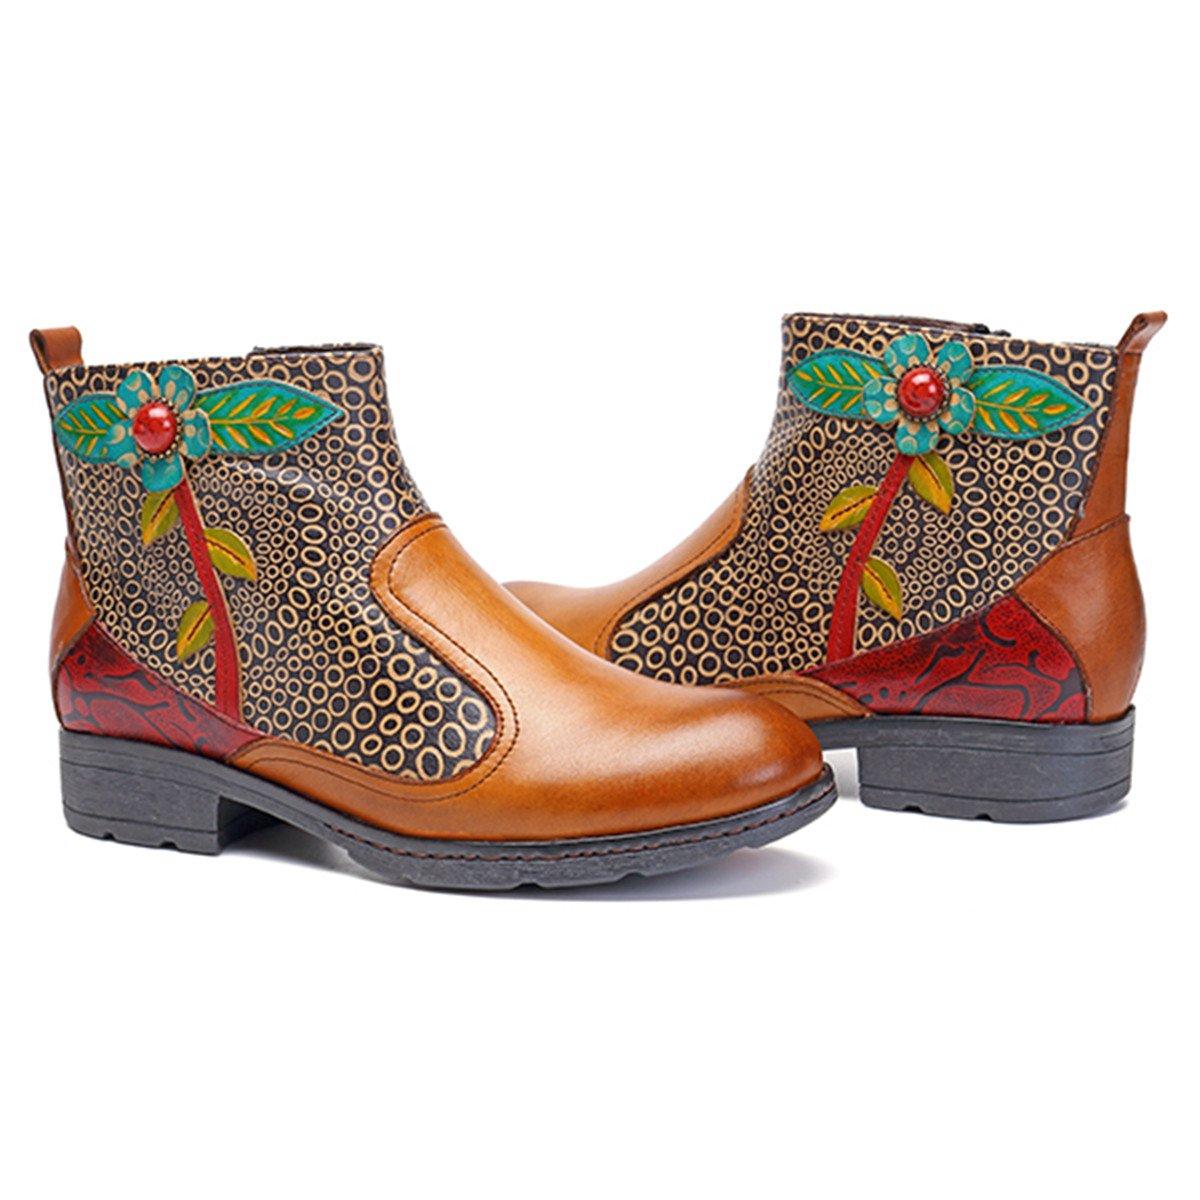 pretty nice 16128 45b43 ... Socofy Socofy Socofy Leather Ankle Bootie, Women s Vintage Handmade  Flat Retro Buckle Pattern B077S3396Z Chelsea ...